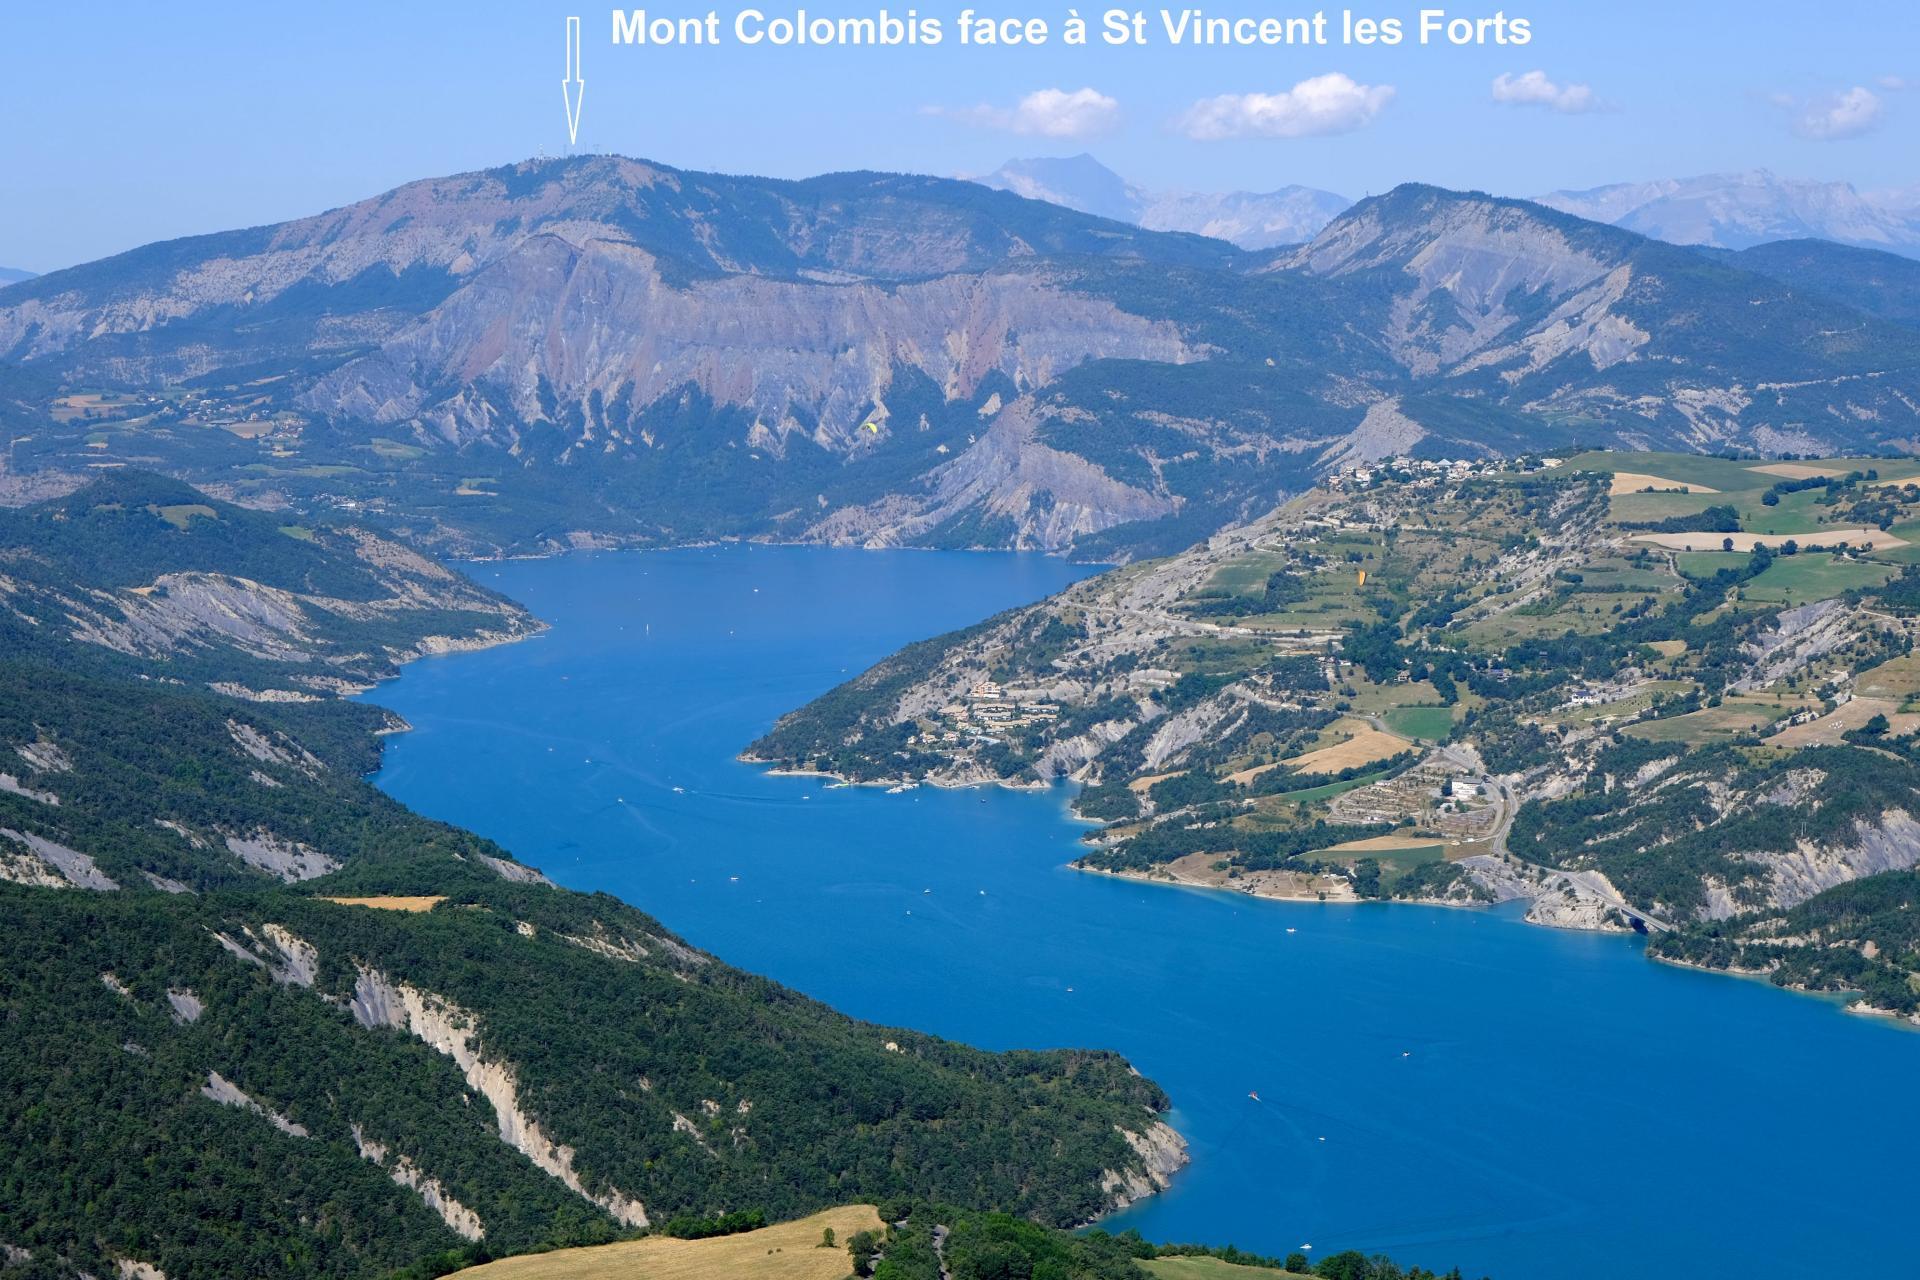 Le Mont Colombis vu de St-Vincent-Les-Forts